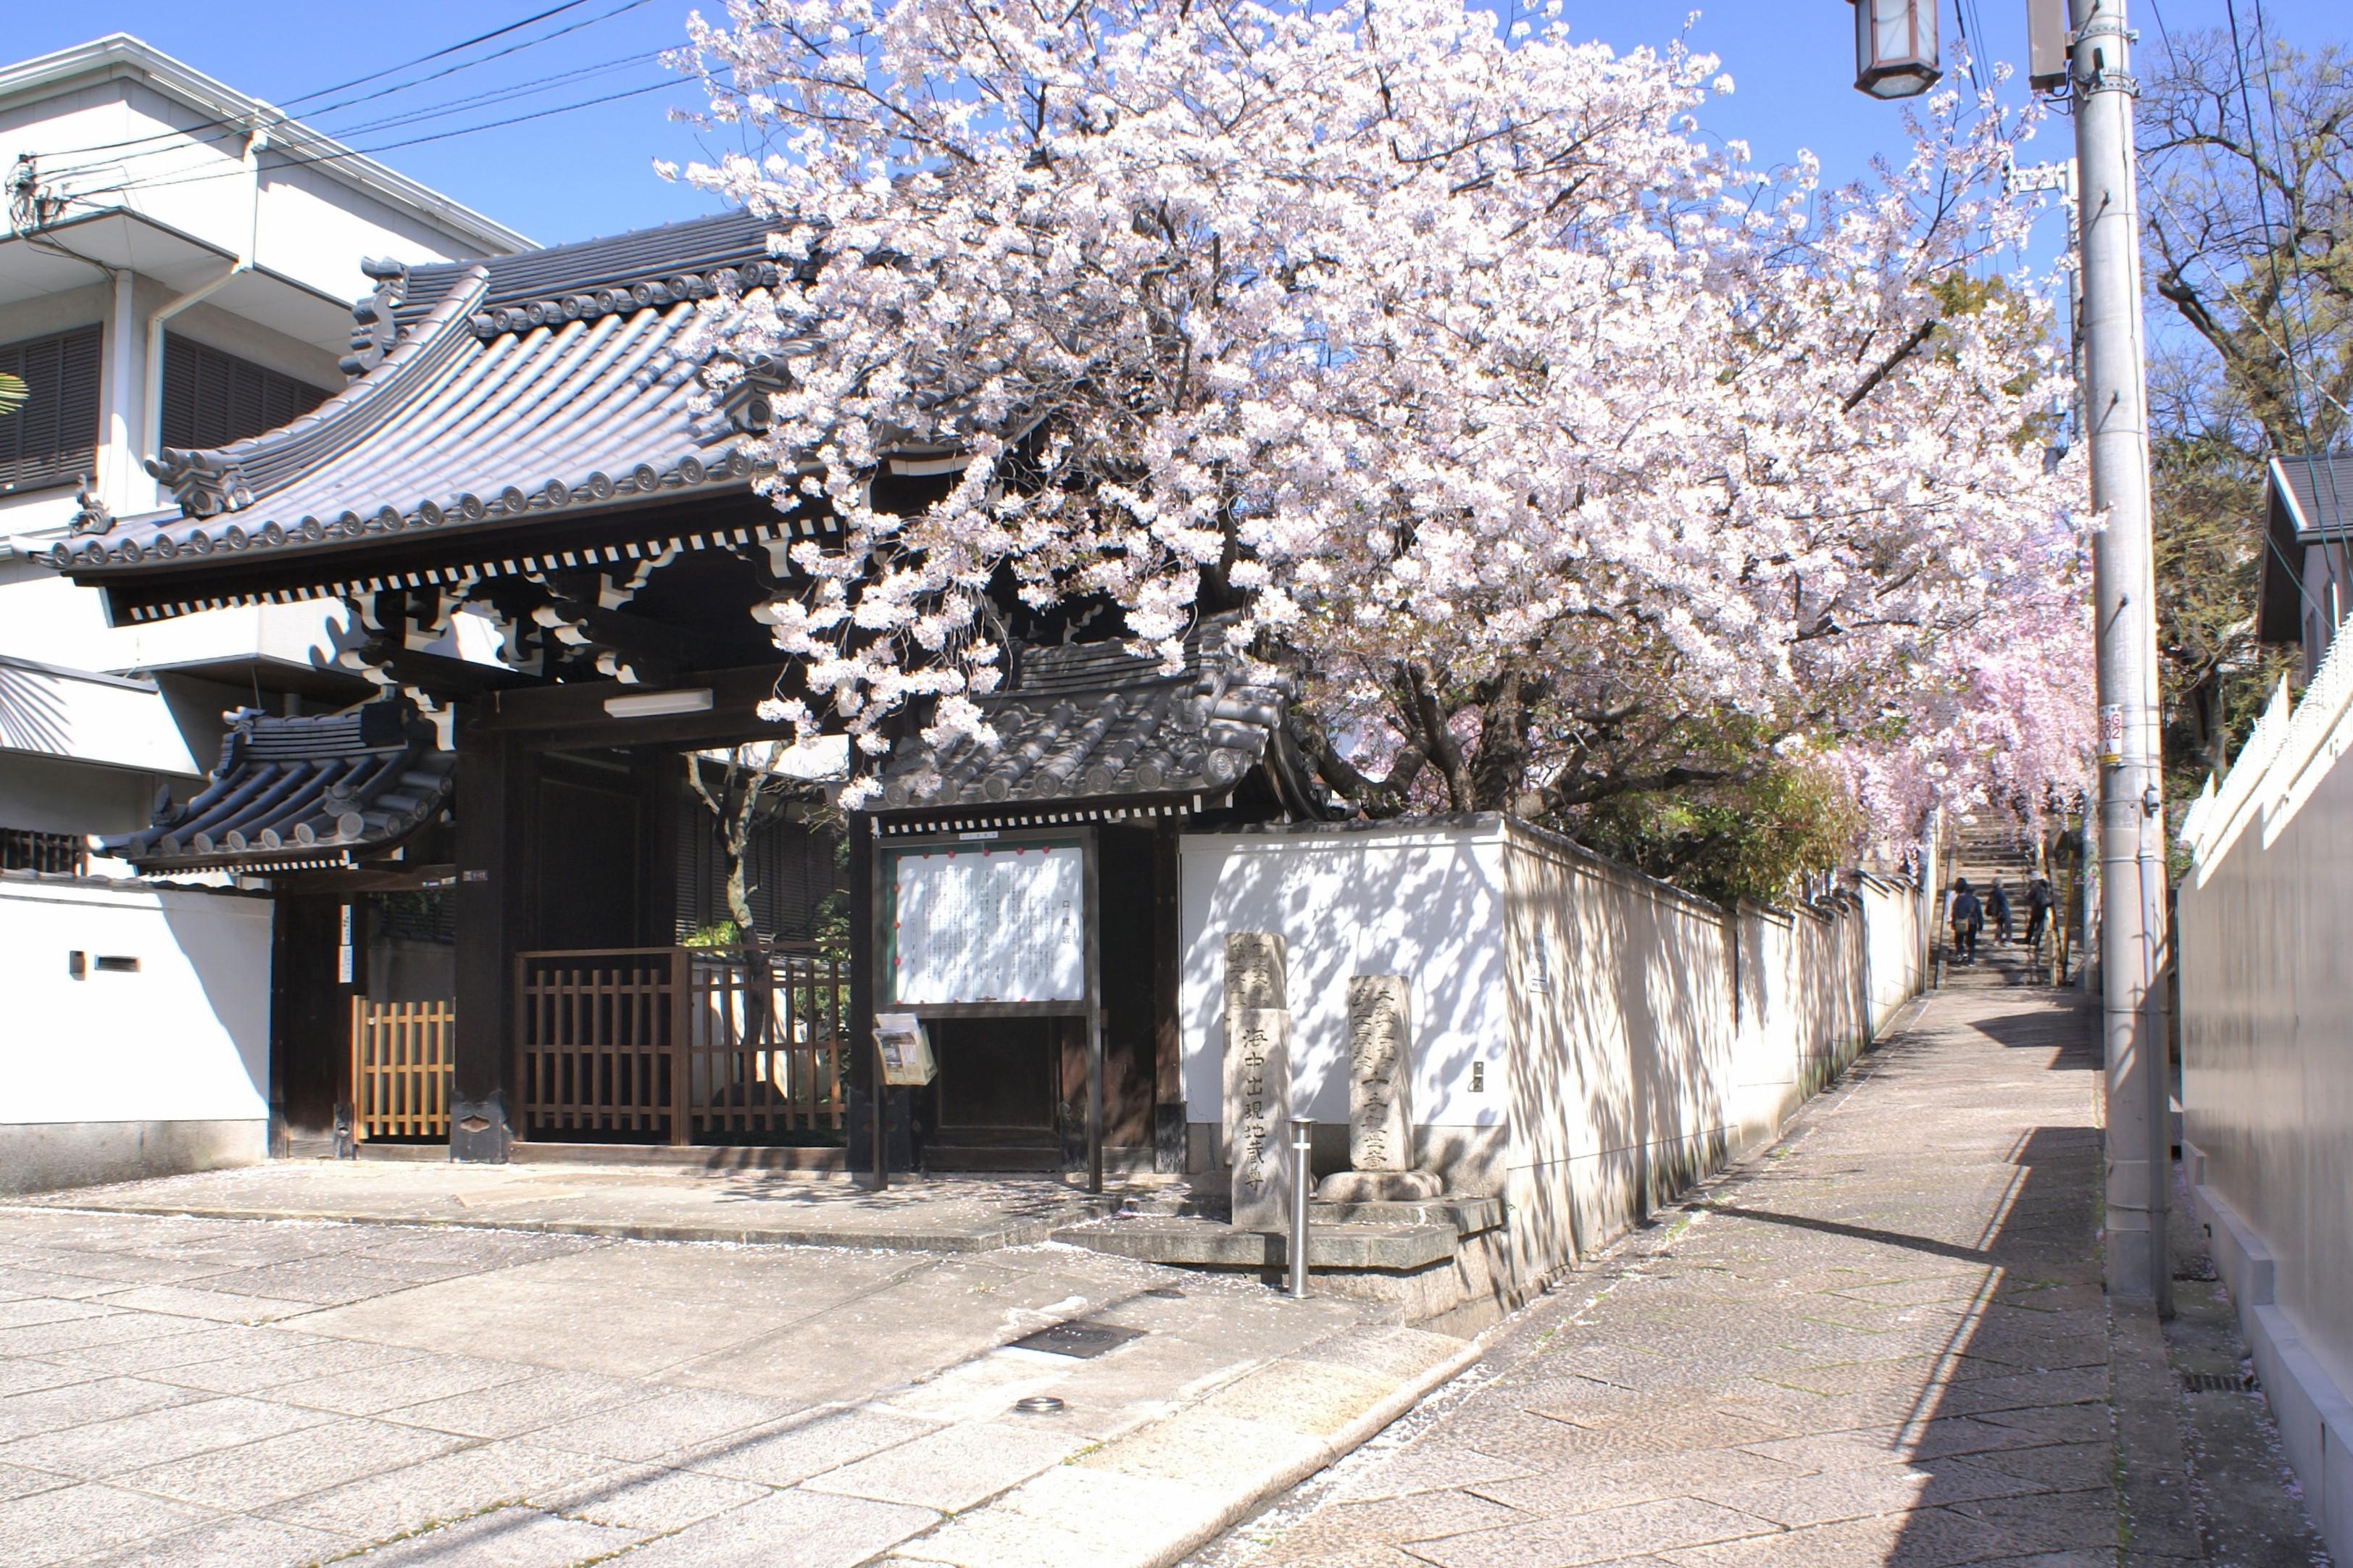 <p>善龍寺山門と口縄坂</p>善龍寺は境内南面、天王寺七坂の一つ口縄坂沿いに建つ。境内の桜が満開となり口縄坂を彩る。桜の名所としても有名である。門扉は、欅の一枚板で立派である。